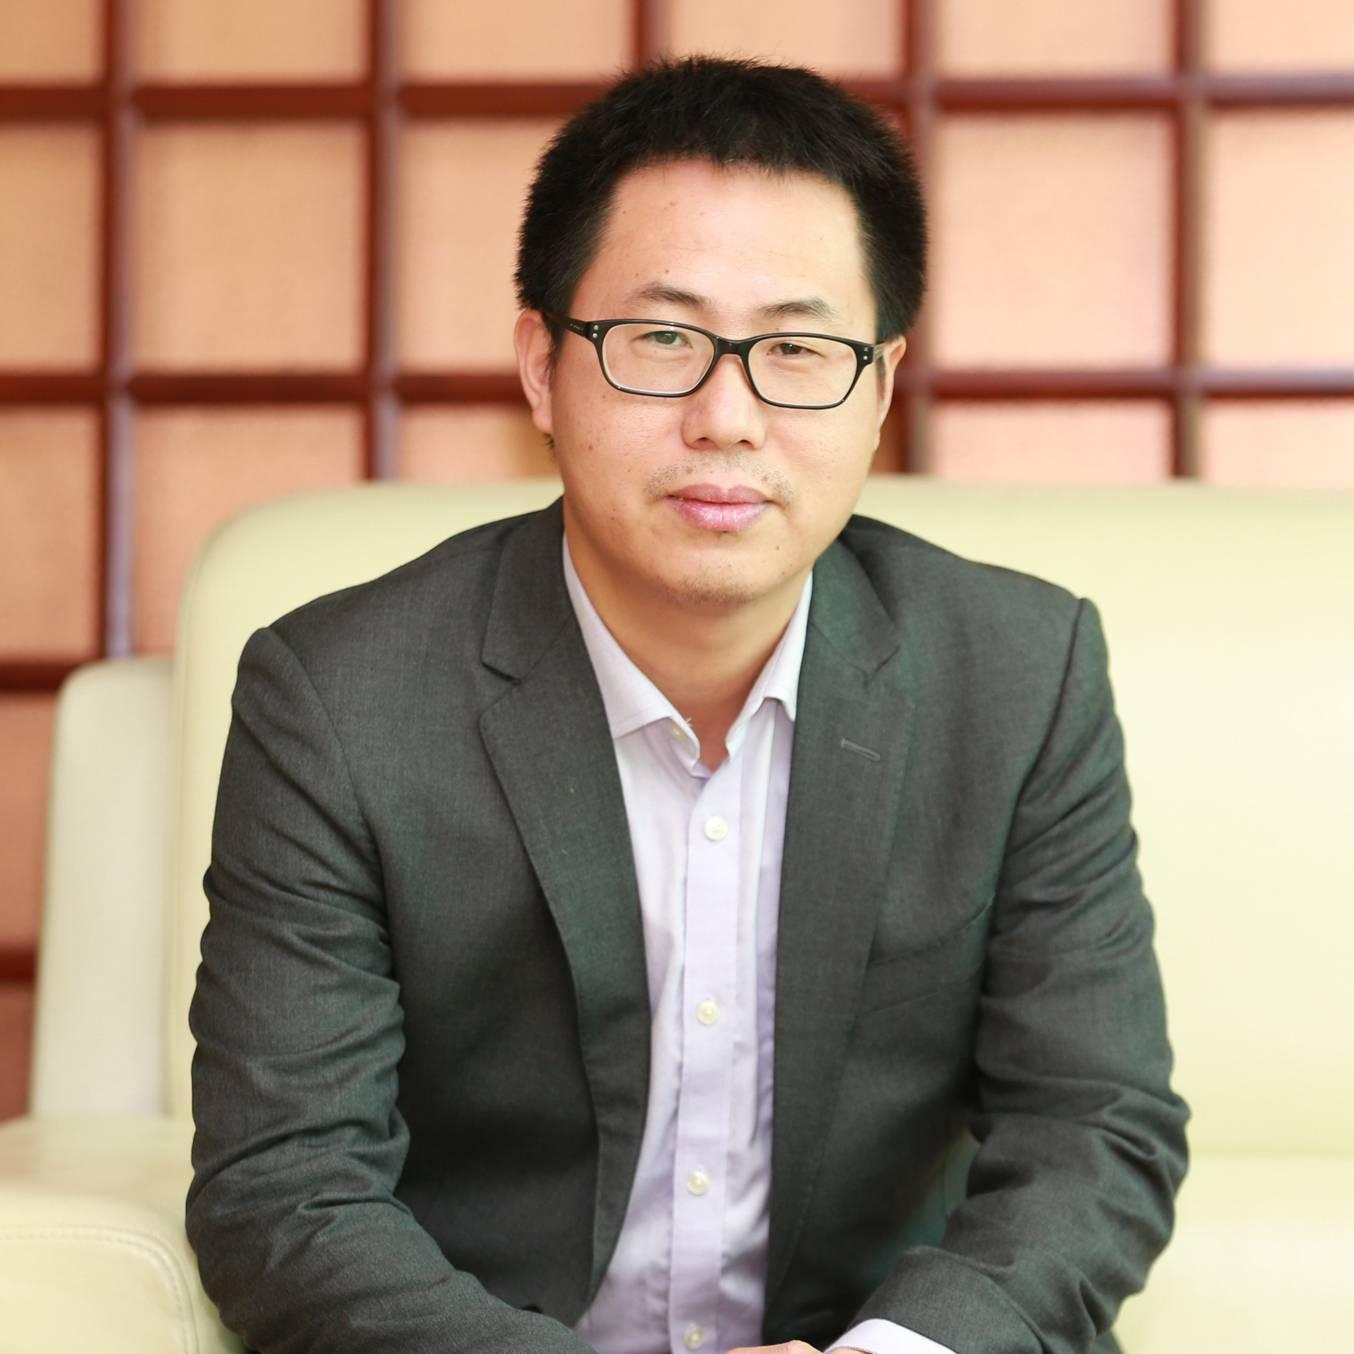 广发证券 资产支持证券部总经理 刘焕礼